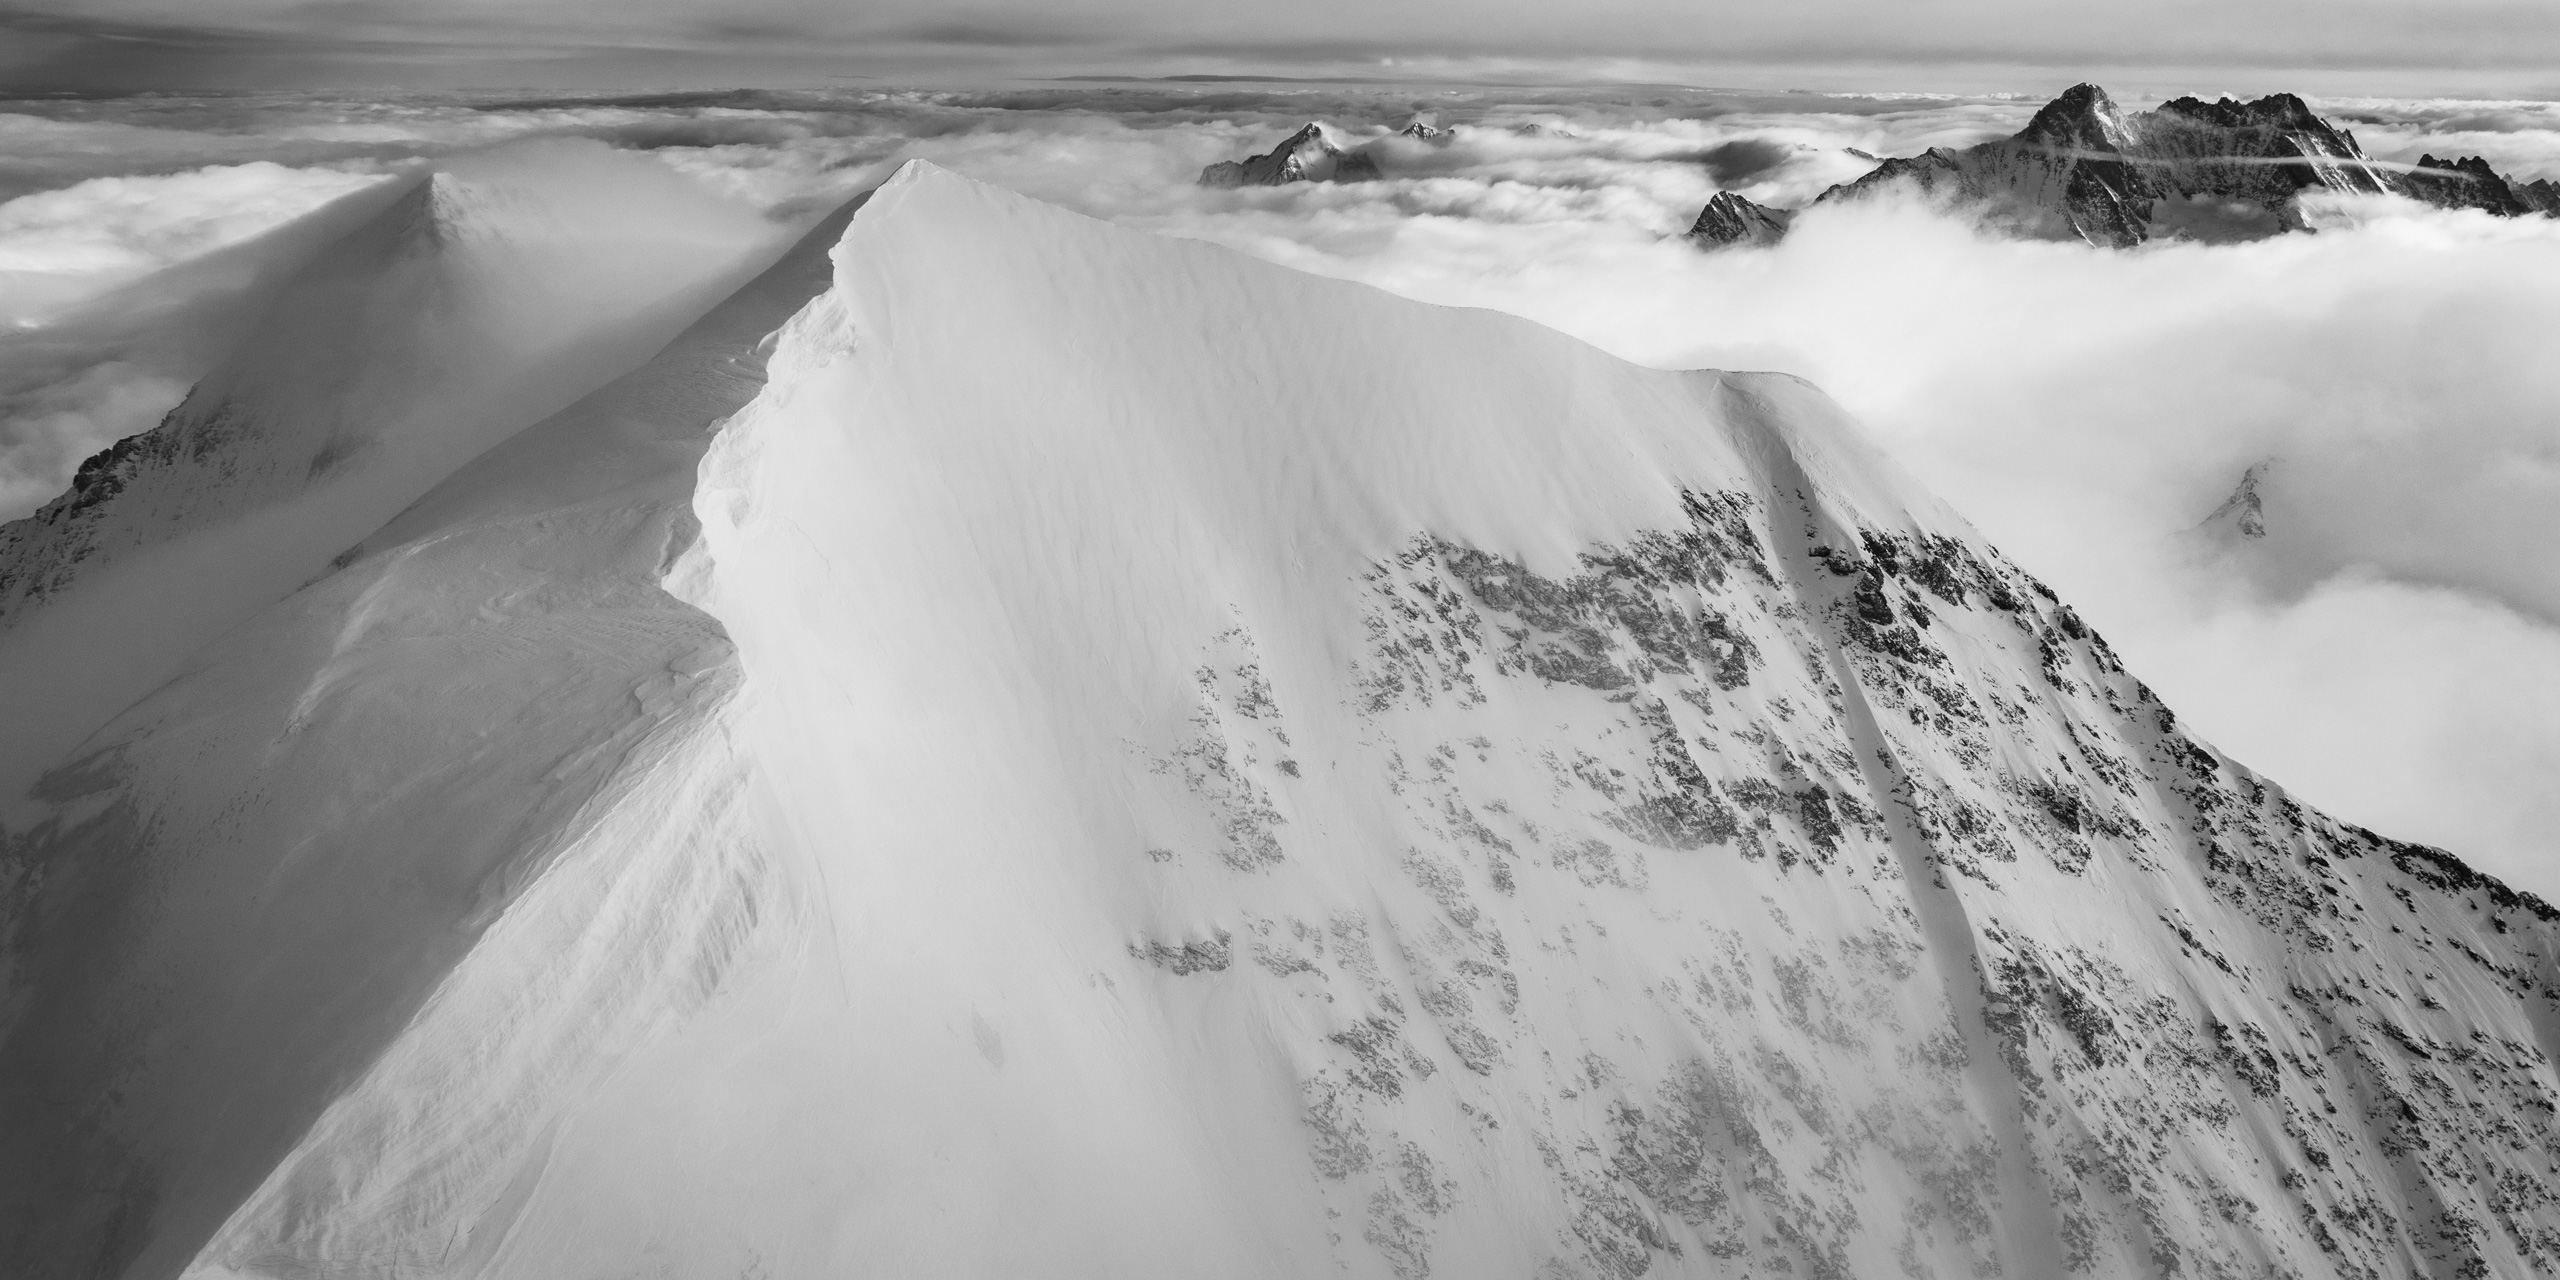 Monch - image paysage montagne neige en noir et blanc - Schreckhorn/Lauteraarhorn et le Wetterhorn dans la mer de nuages